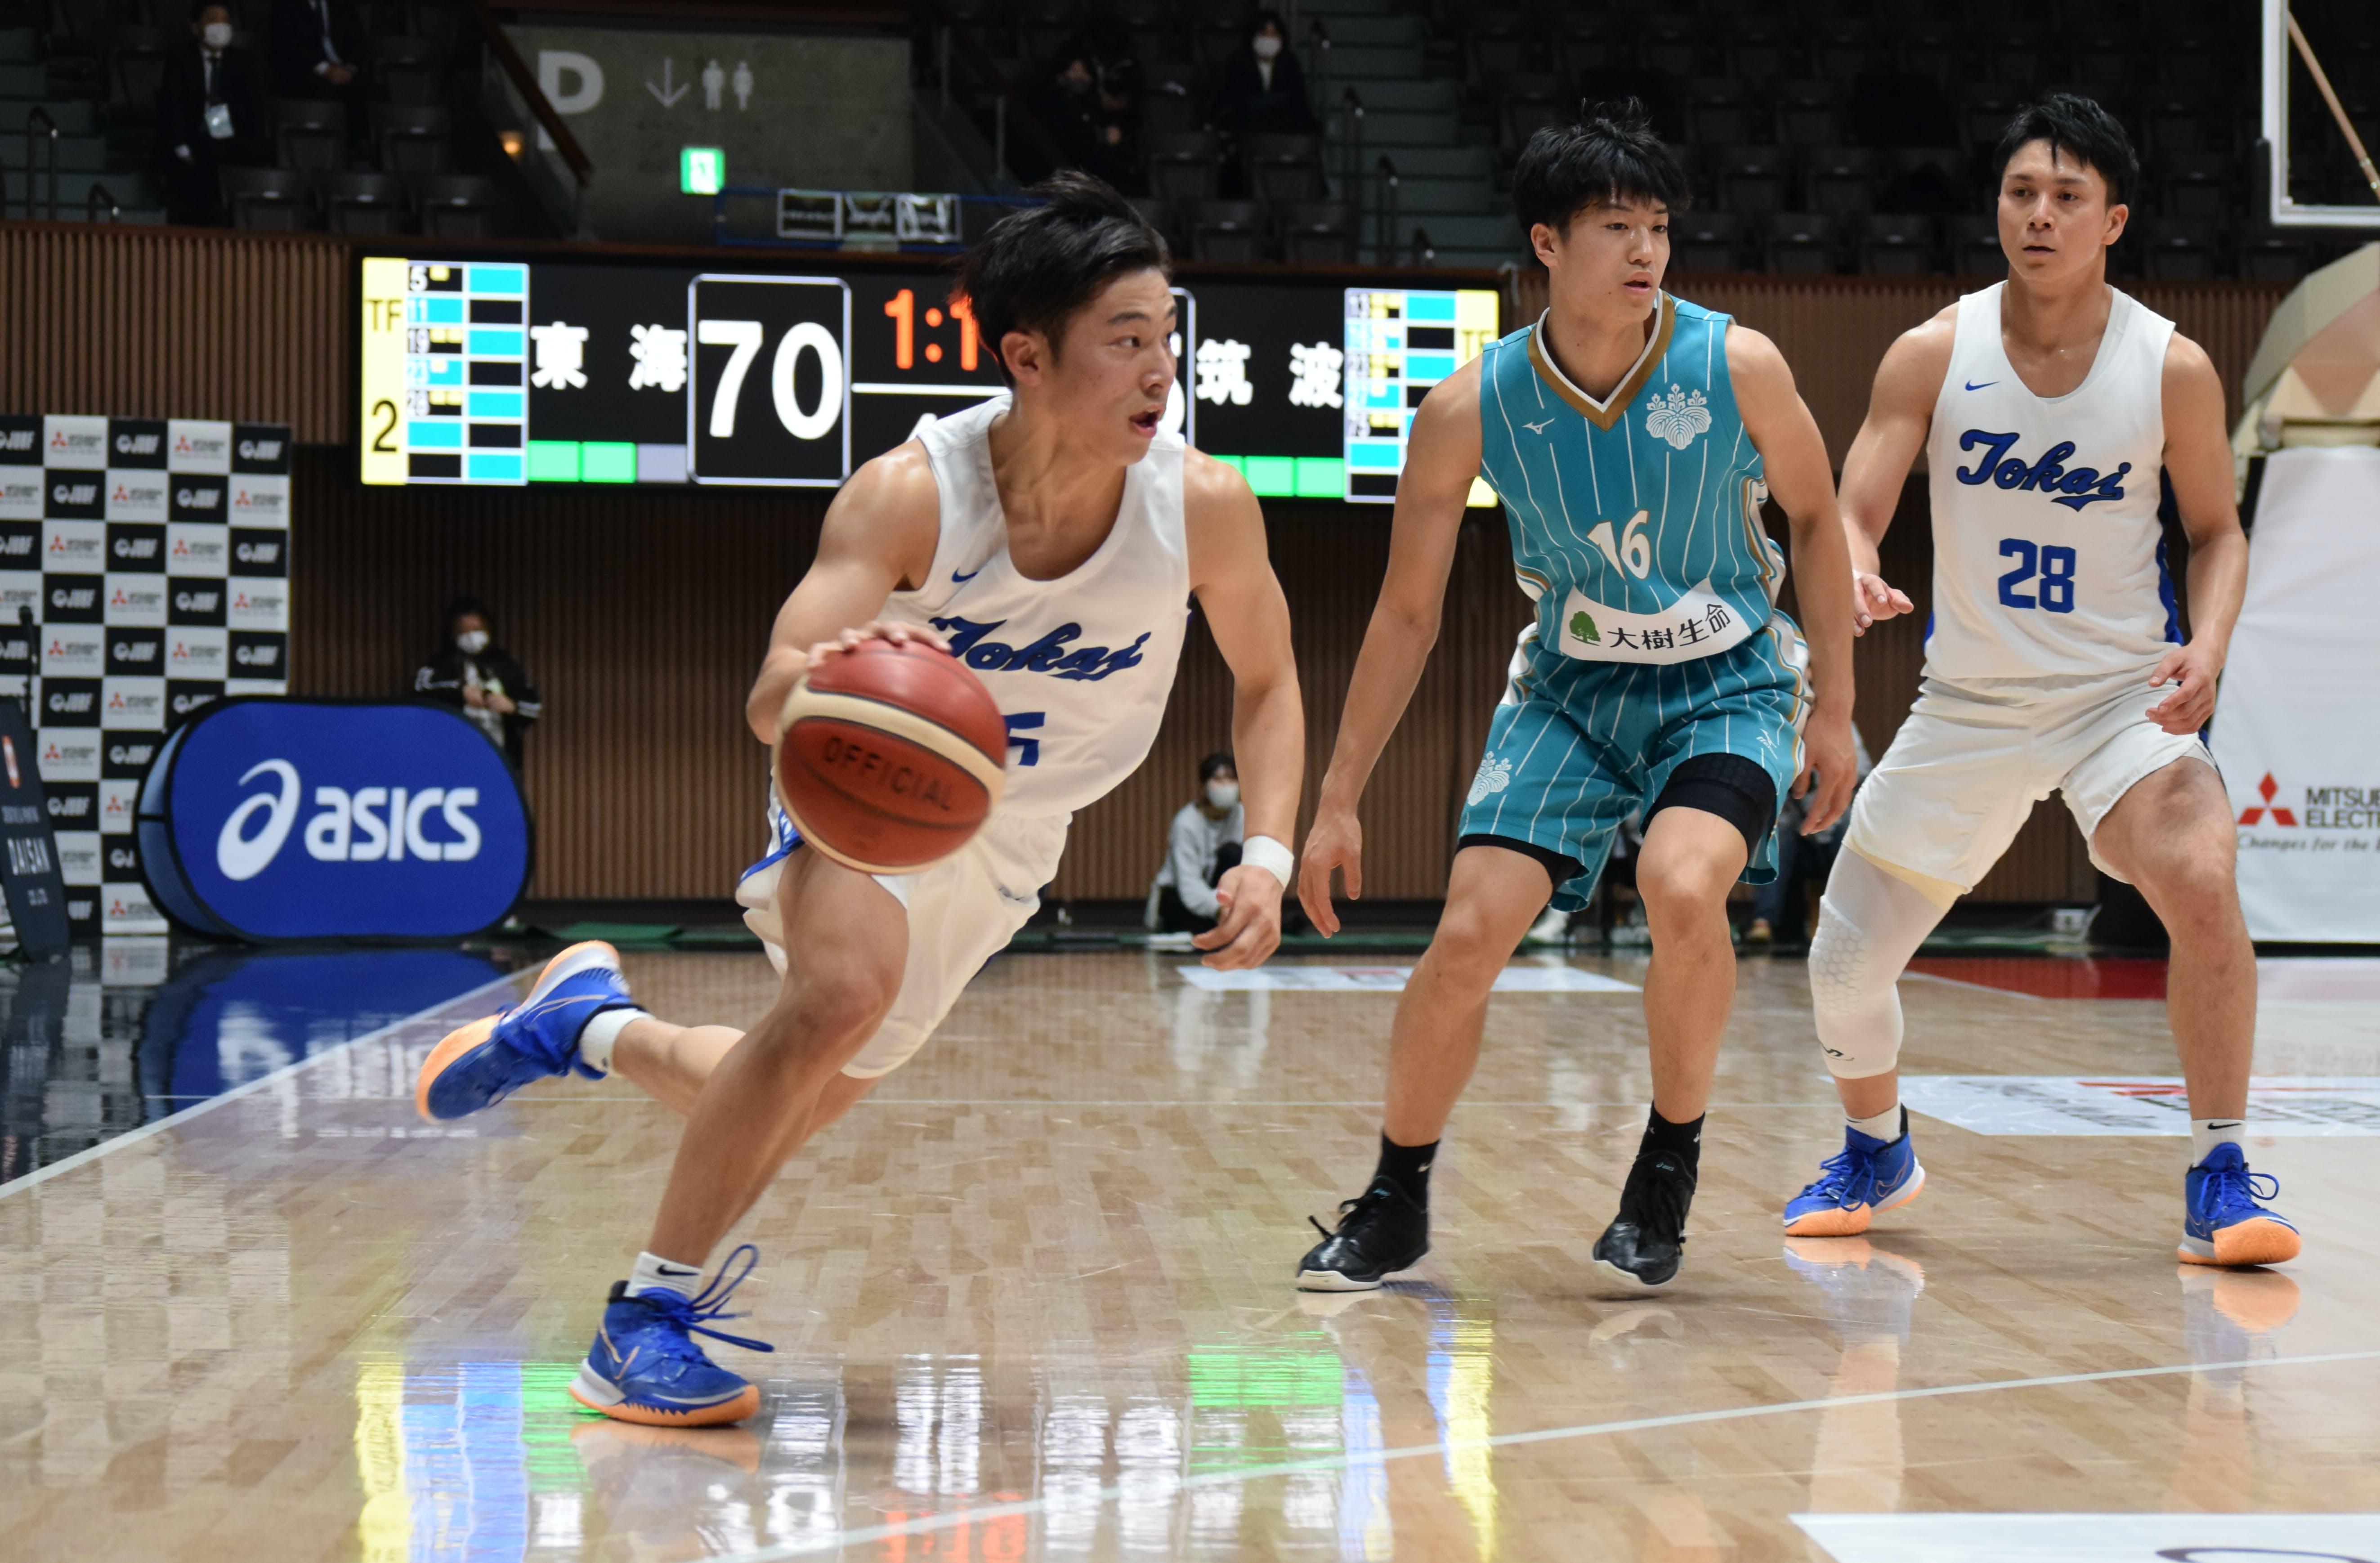 バスケ河村、再びBリーグへ 大学日本一を手土産に: 日本経済新聞